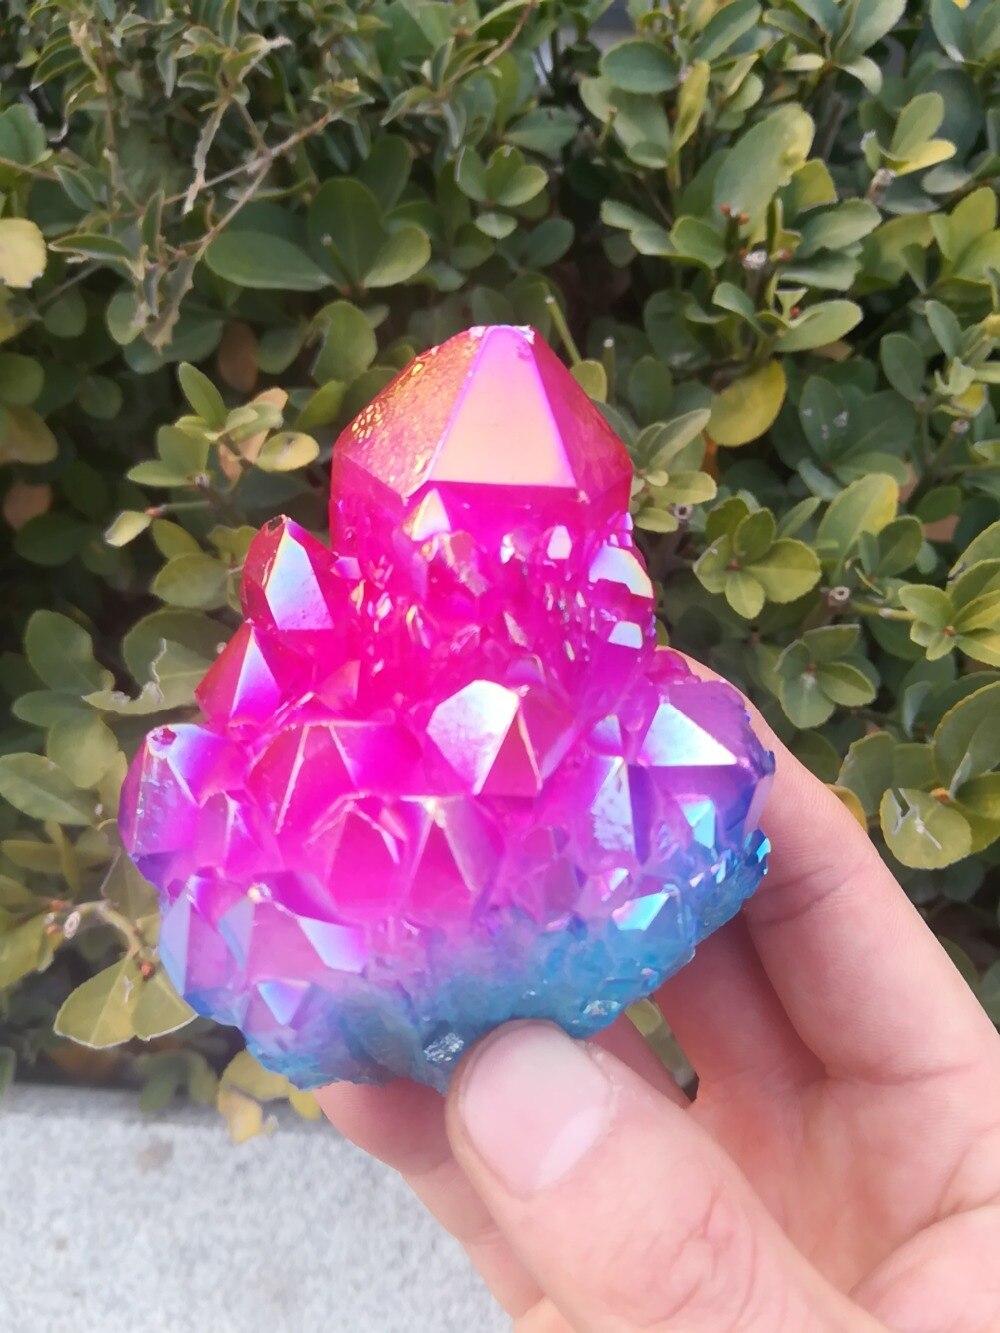 RARO! Nova Descoberta Beatiful two-tone Natural De Cristal De Quartzo Cluster Specimen 1 PC